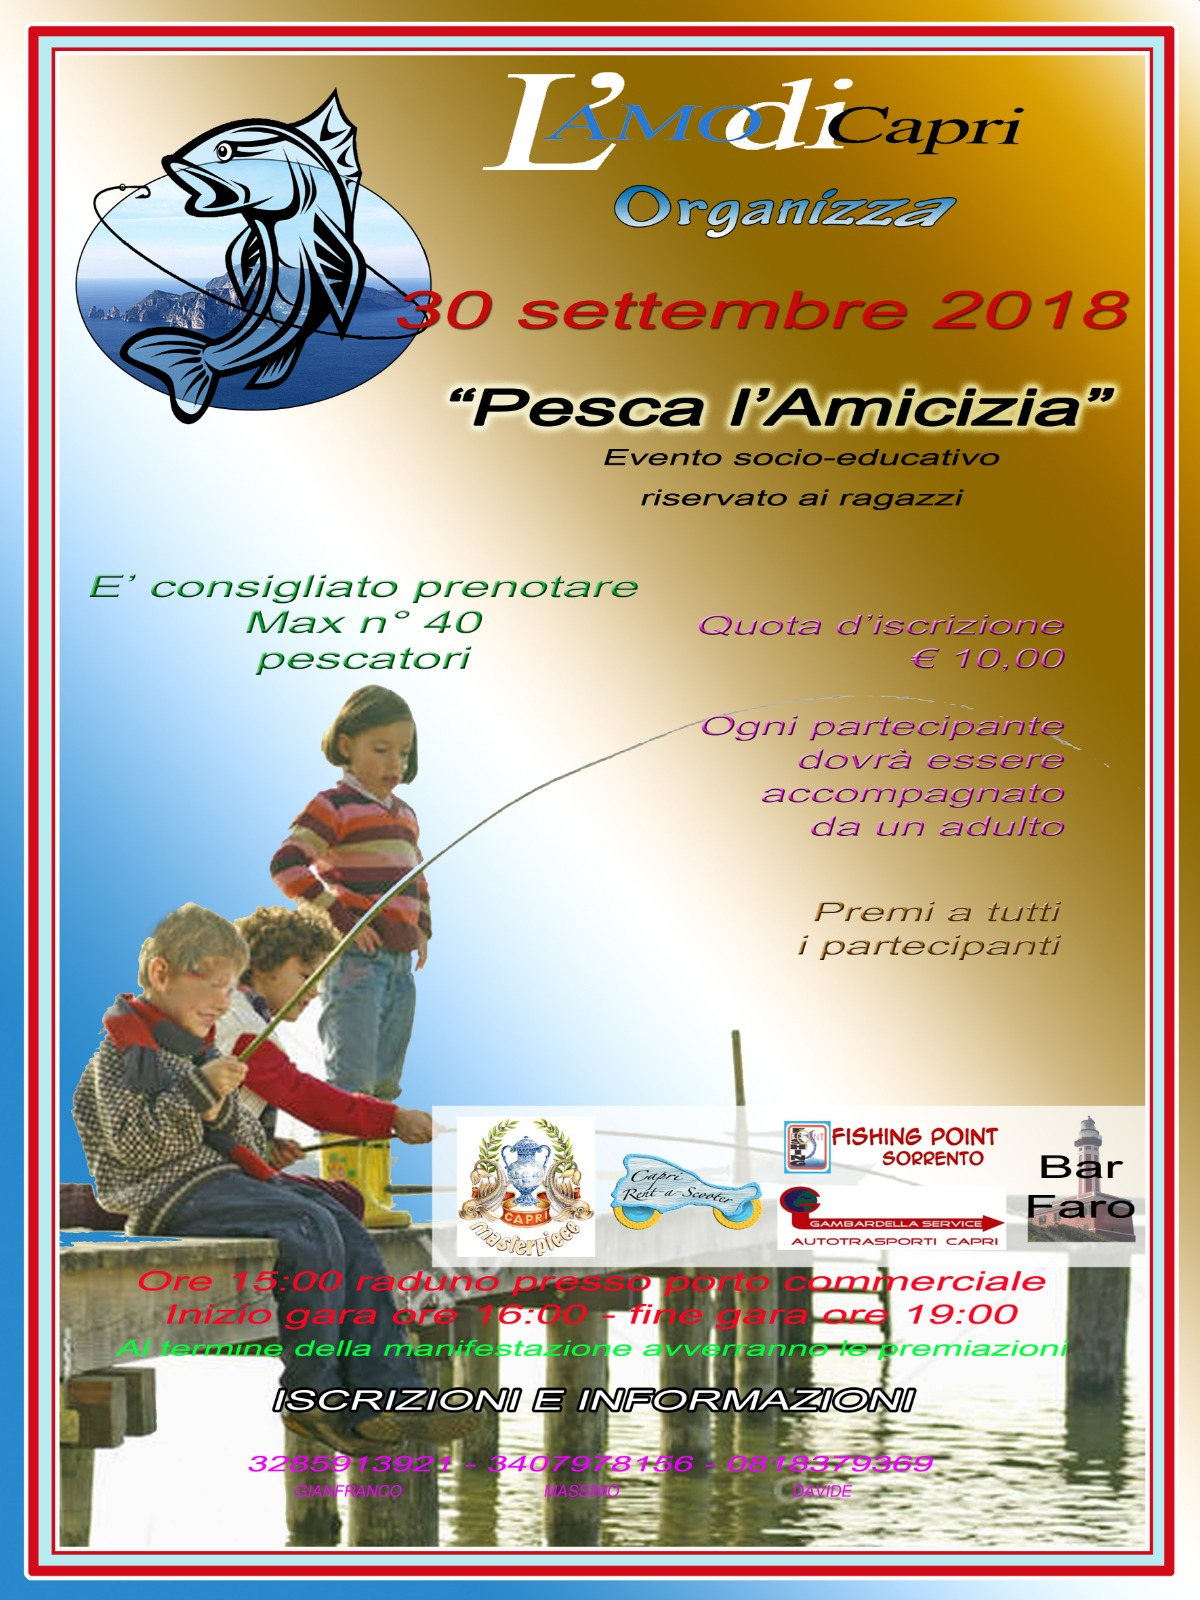 """Capri. """"Pesca l'Amicizia"""" evento socio-educativo per i ragazzi organizzato dall'Amo di Capri"""